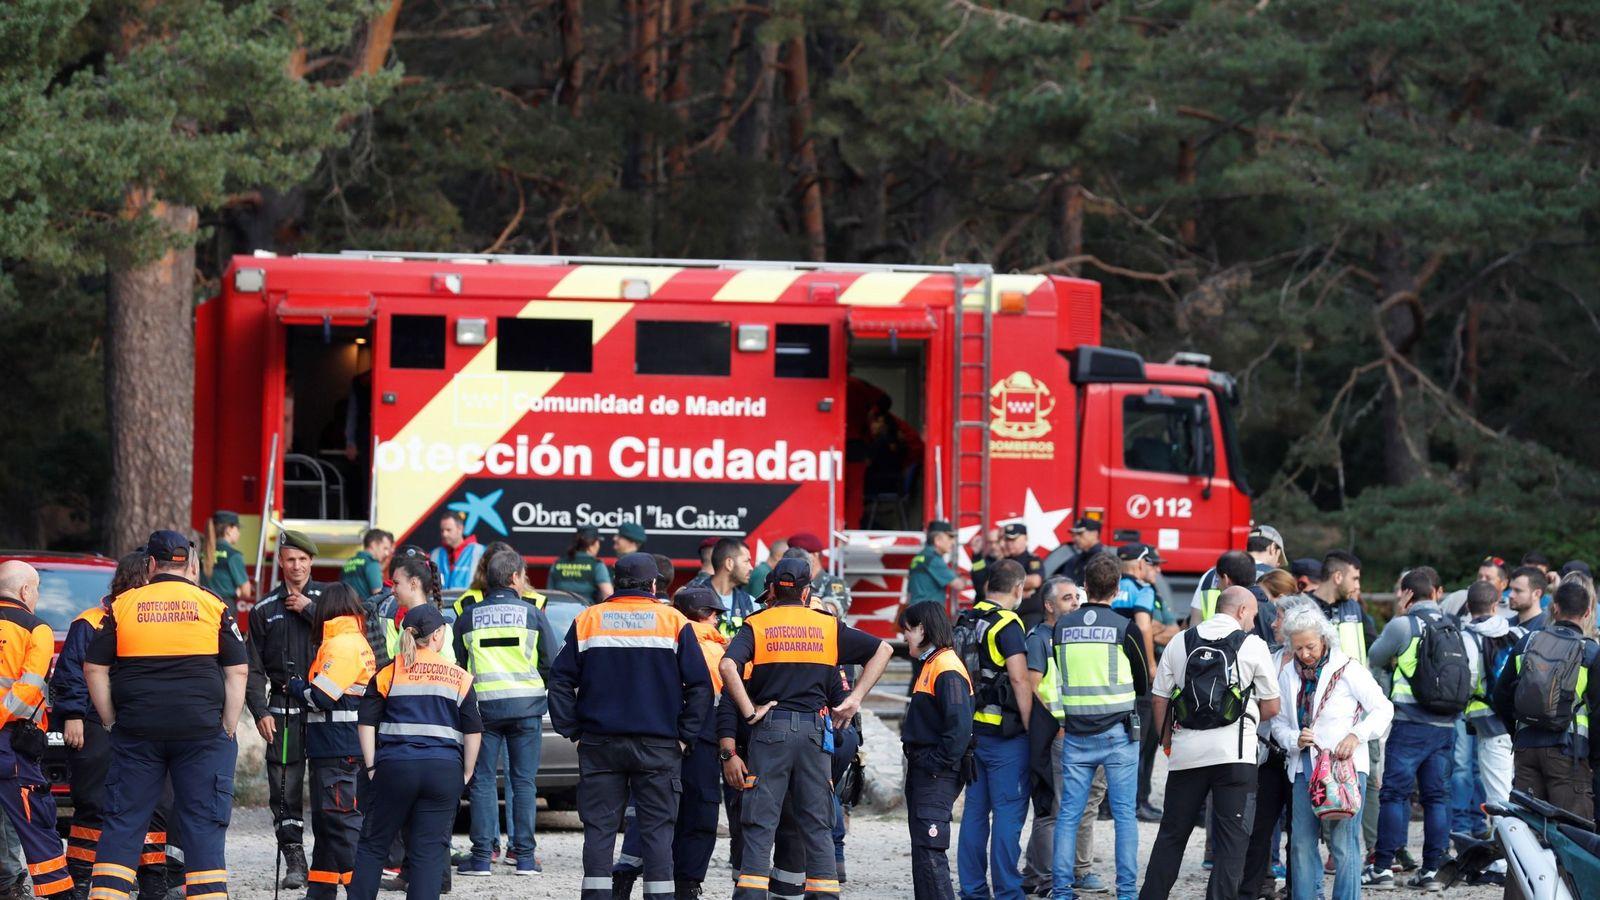 Foto: La Policía, la Guardia Civil, los organismos de emergencias y voluntarios momentos antes de reanudar esta mañana la búsqueda. (EFE)